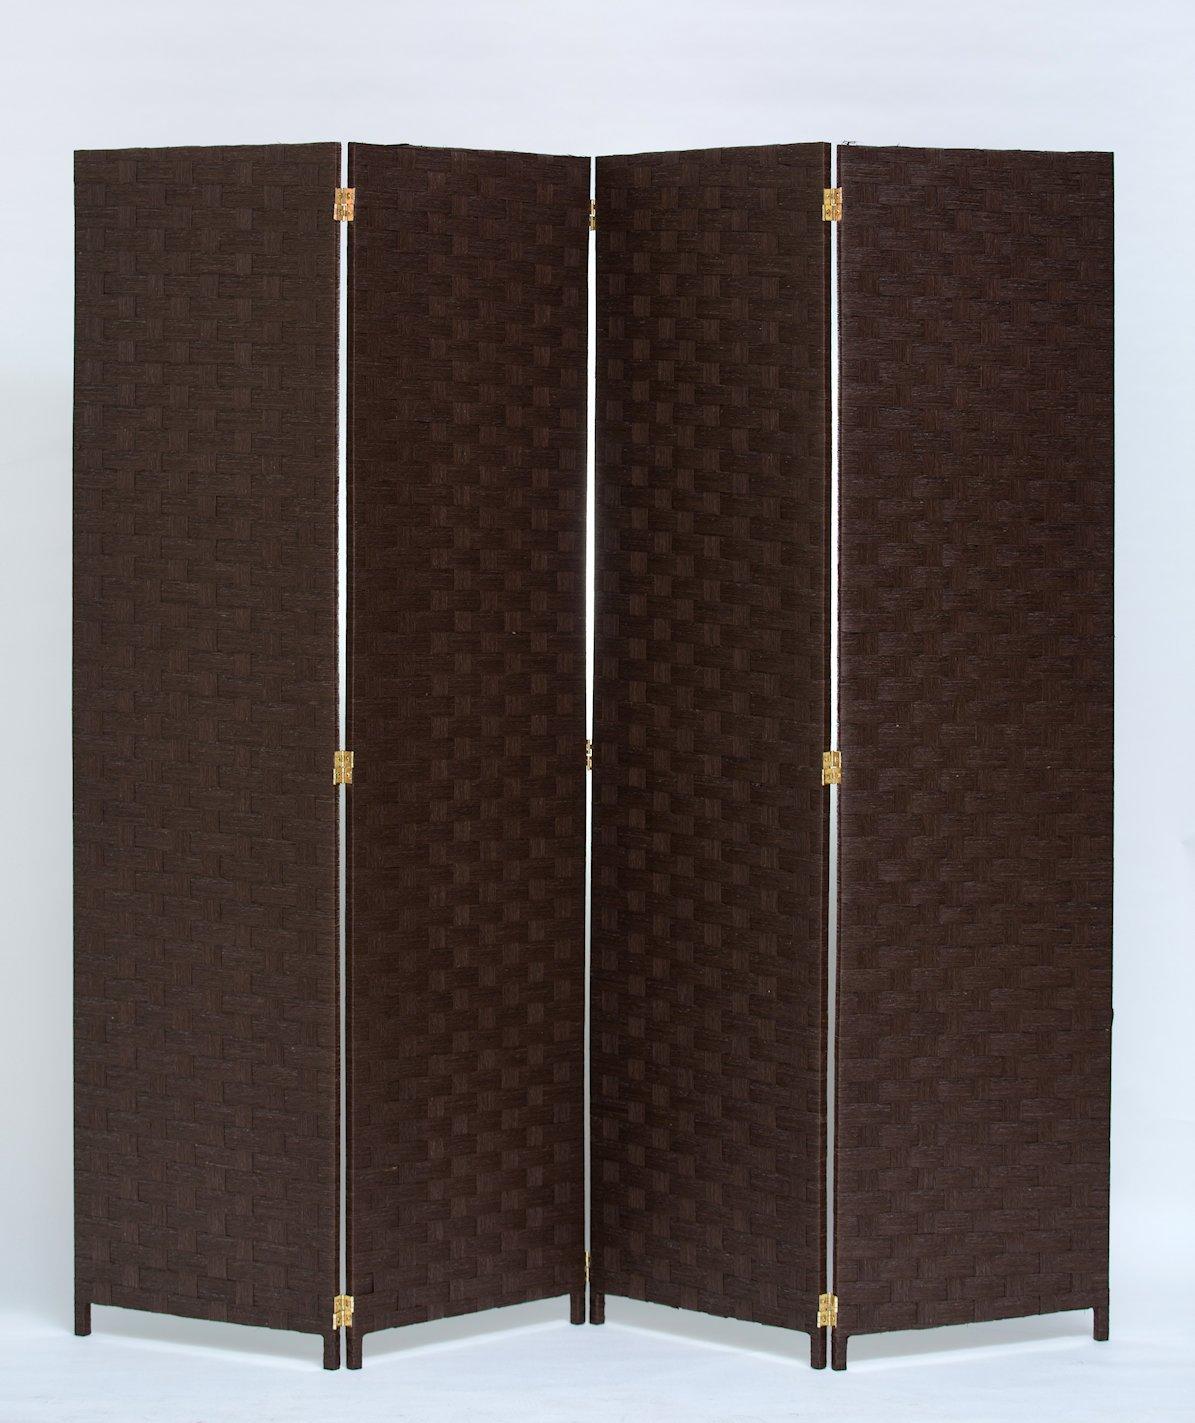 Room Divider 4 Panel Weave Design Paper Fiber Brown Color By Legacy Decor